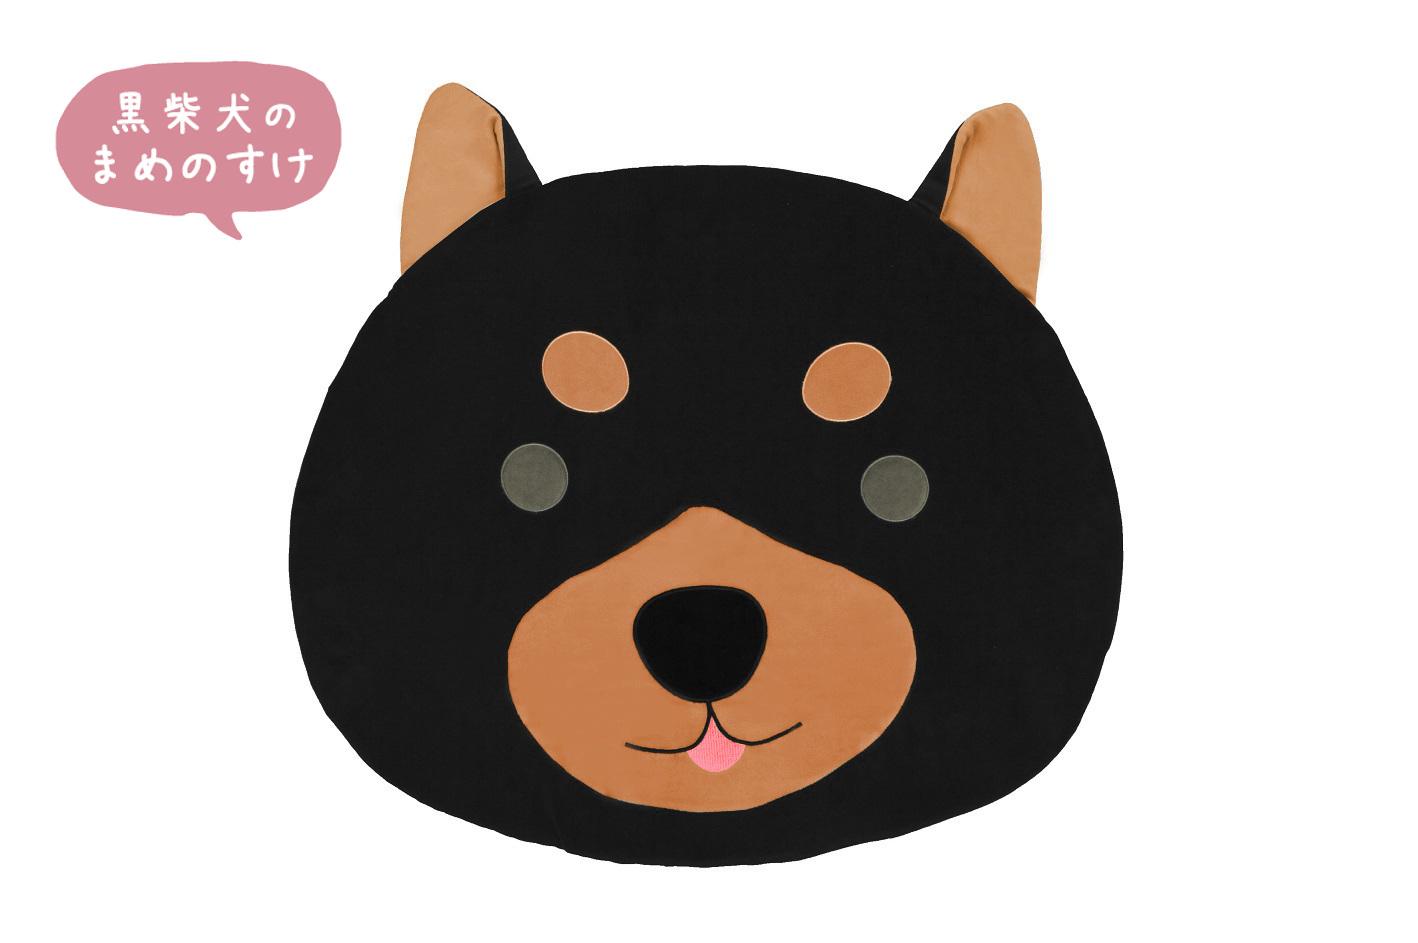 ルームマット(黒柴犬)【 ほっこりめいとシリーズ 】